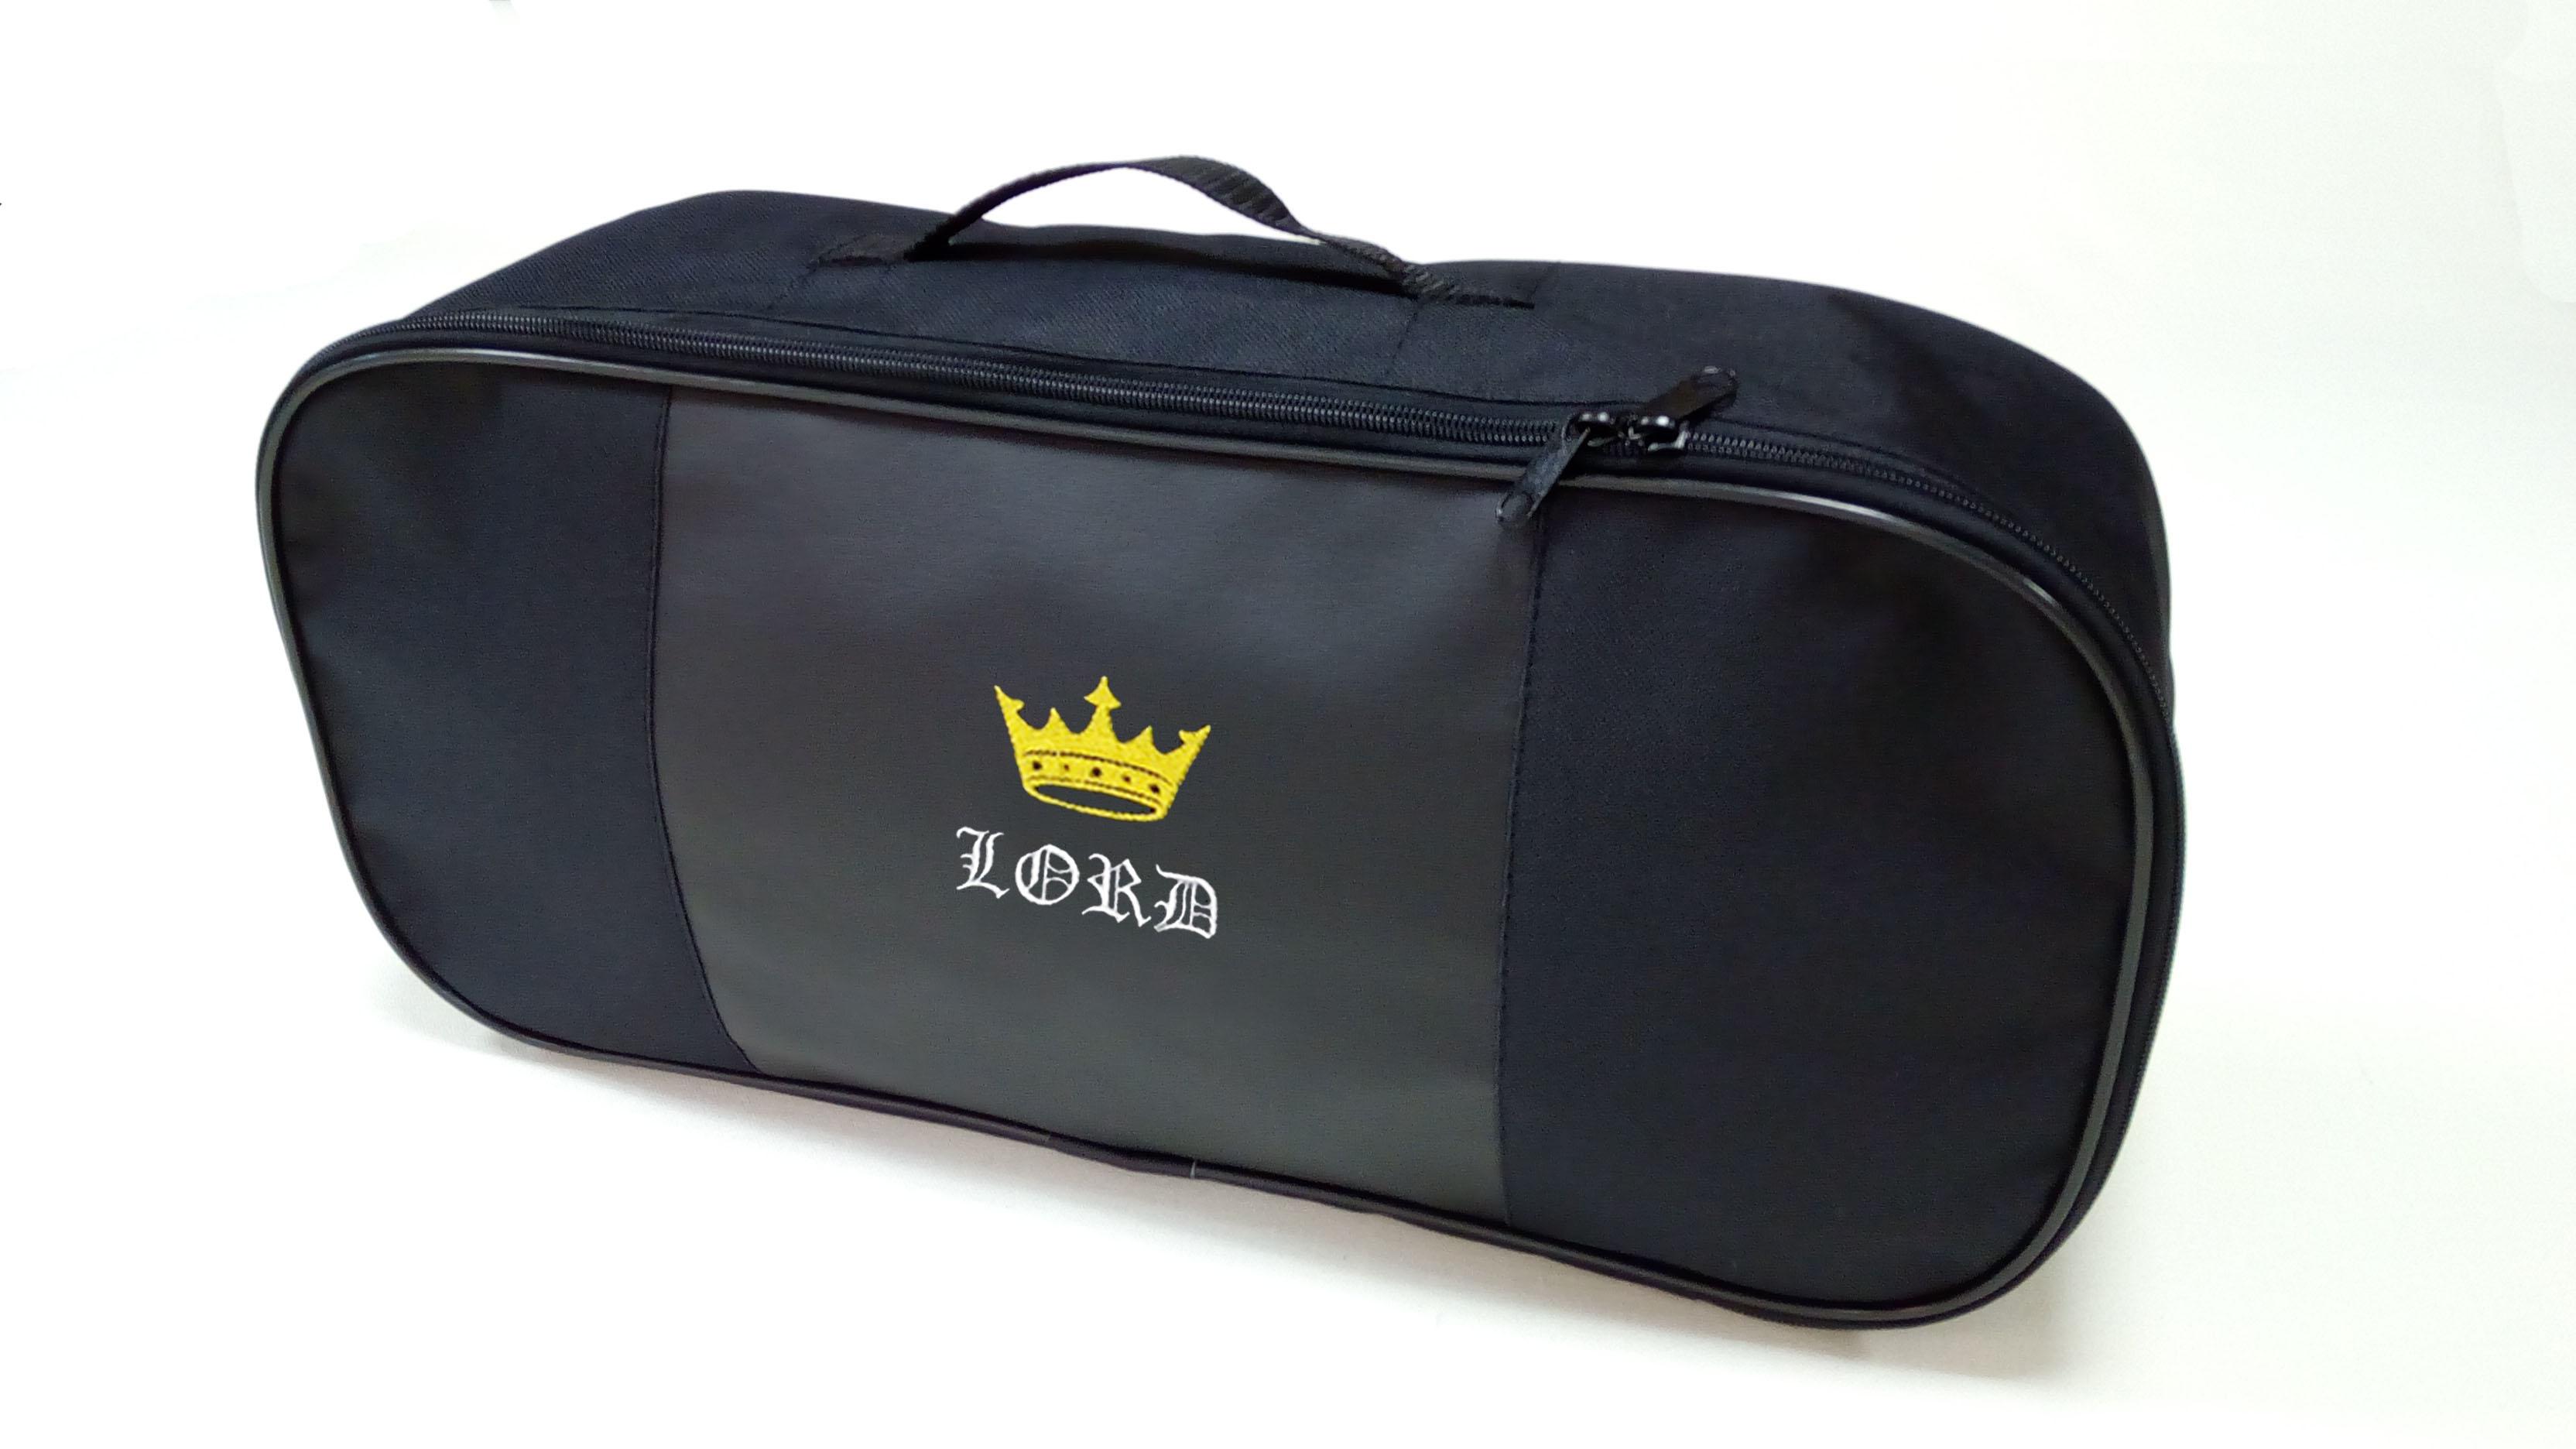 Набор аварийный в сумке с логотипом ЛОРД